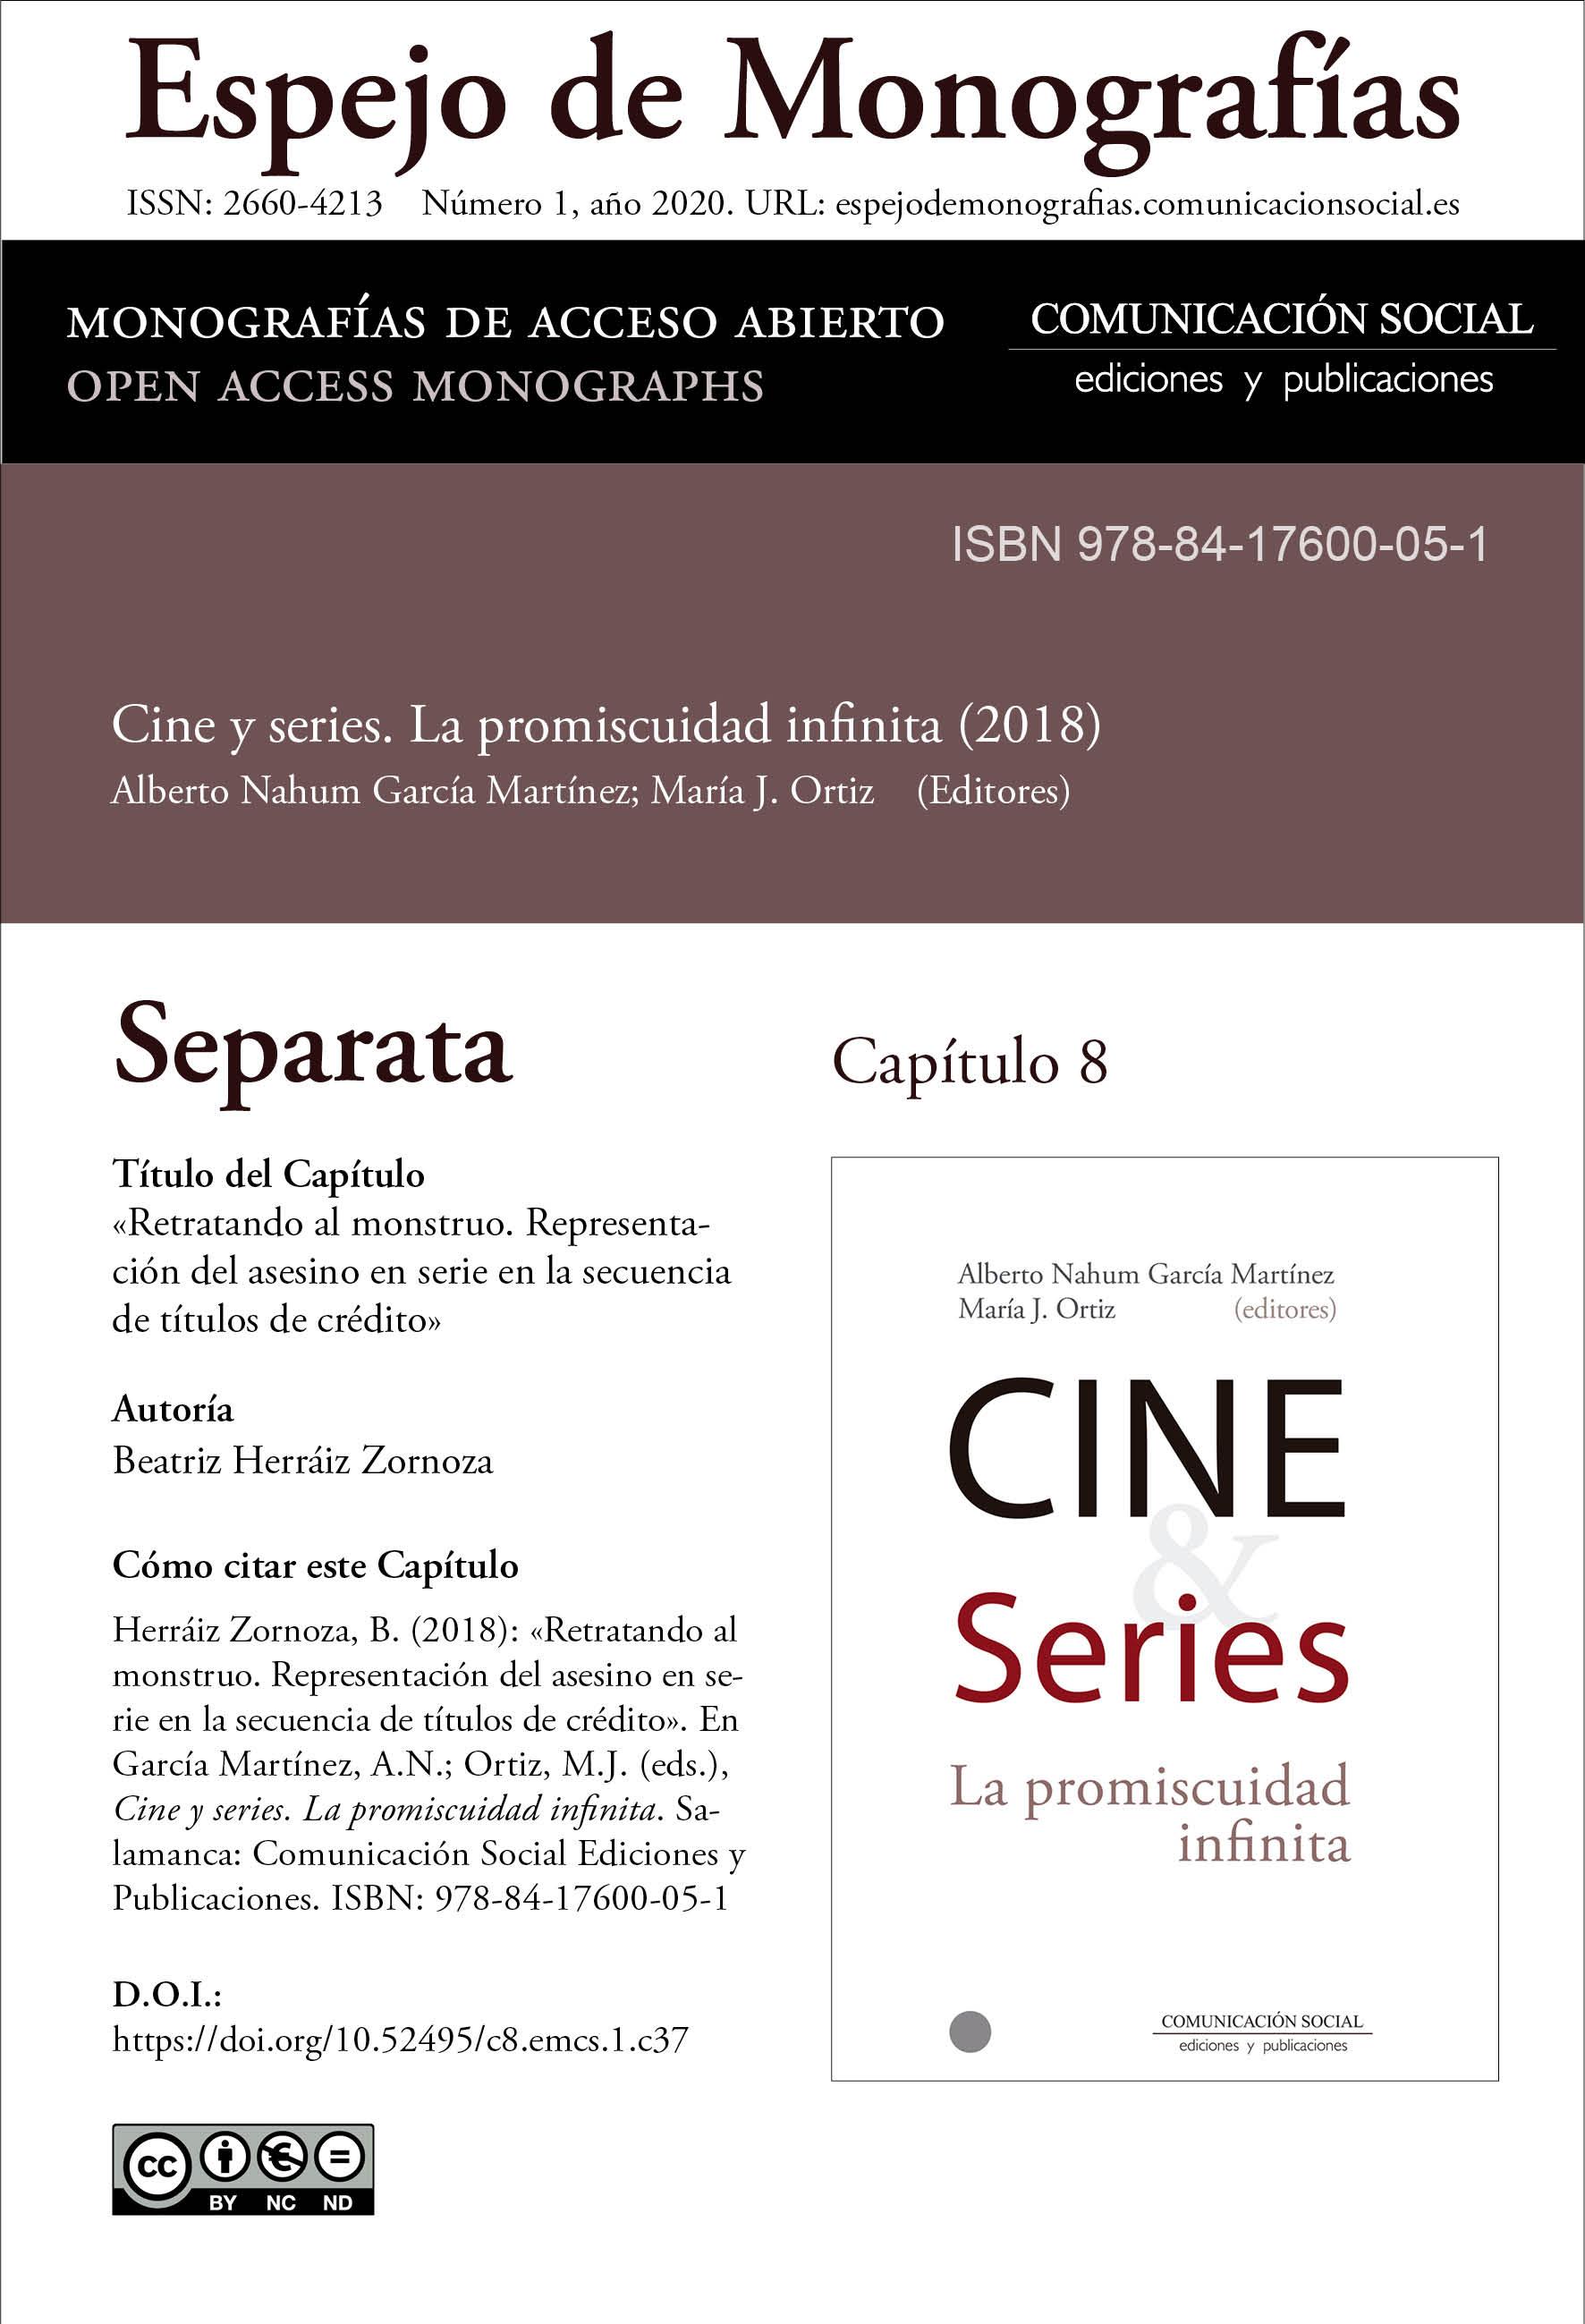 Separata del Capítulo 8 correspondiente a la monografía Cine y series: la promiscuidad infinita